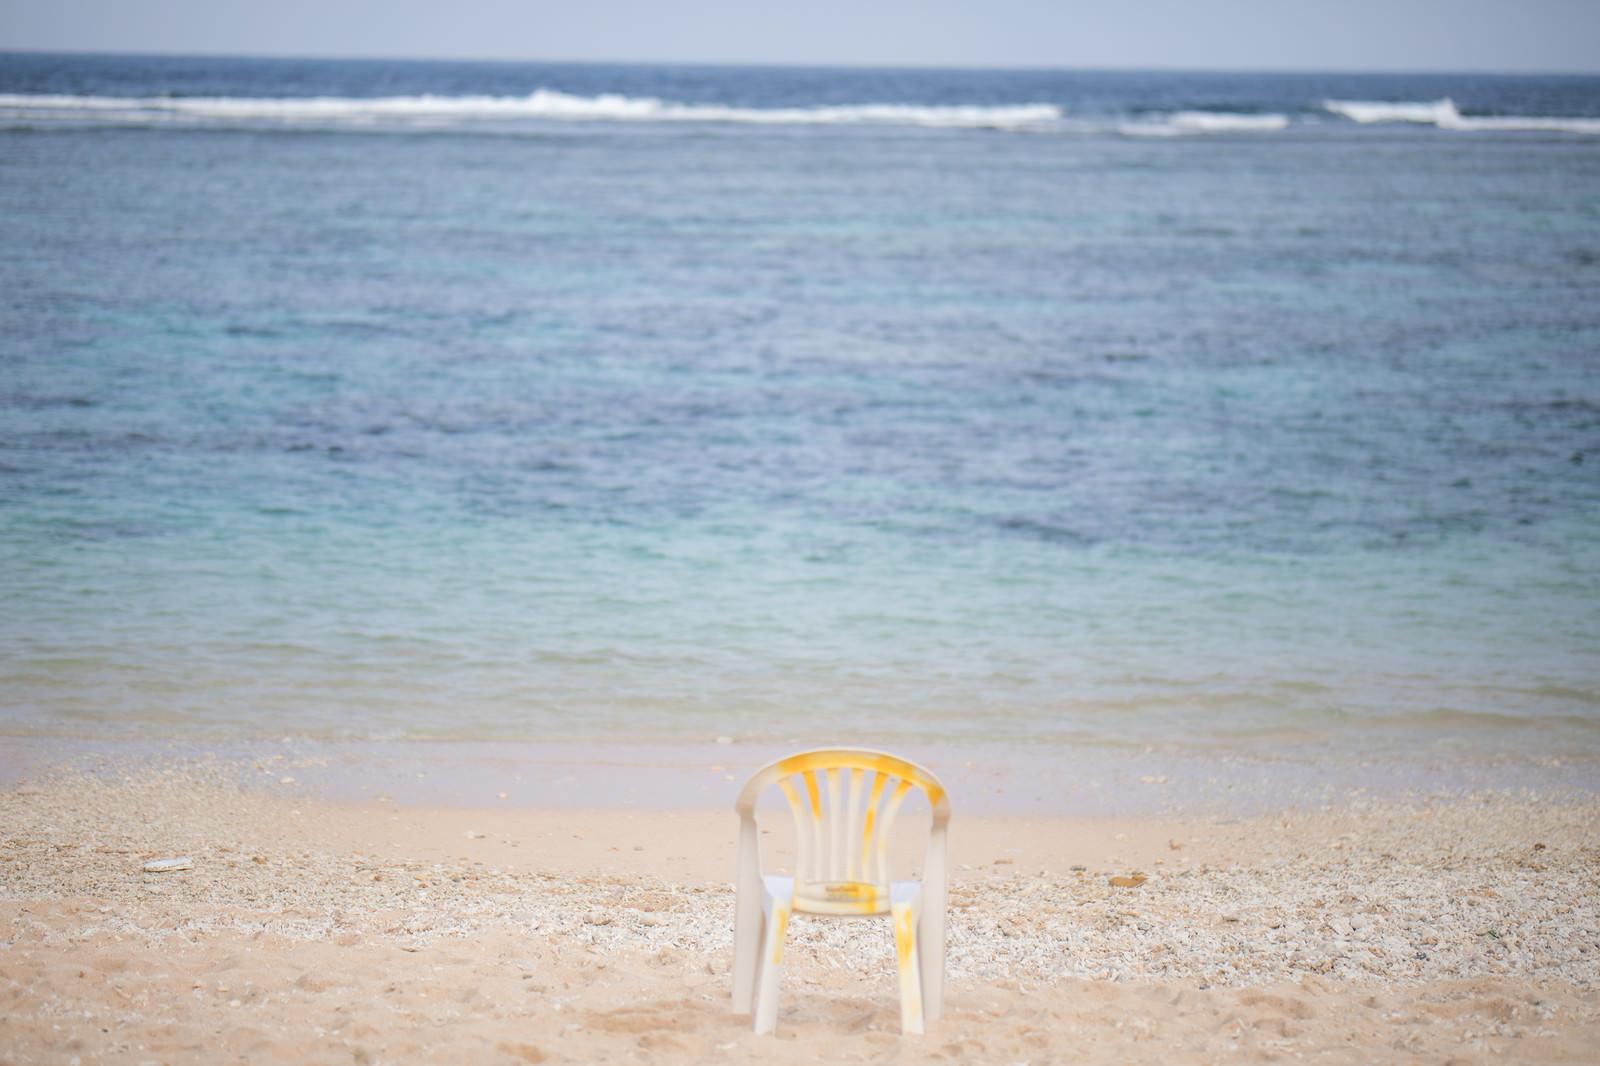 「宮古島の海と砂浜に置かれた椅子 | 写真の無料素材・フリー素材 - ぱくたそ」の写真